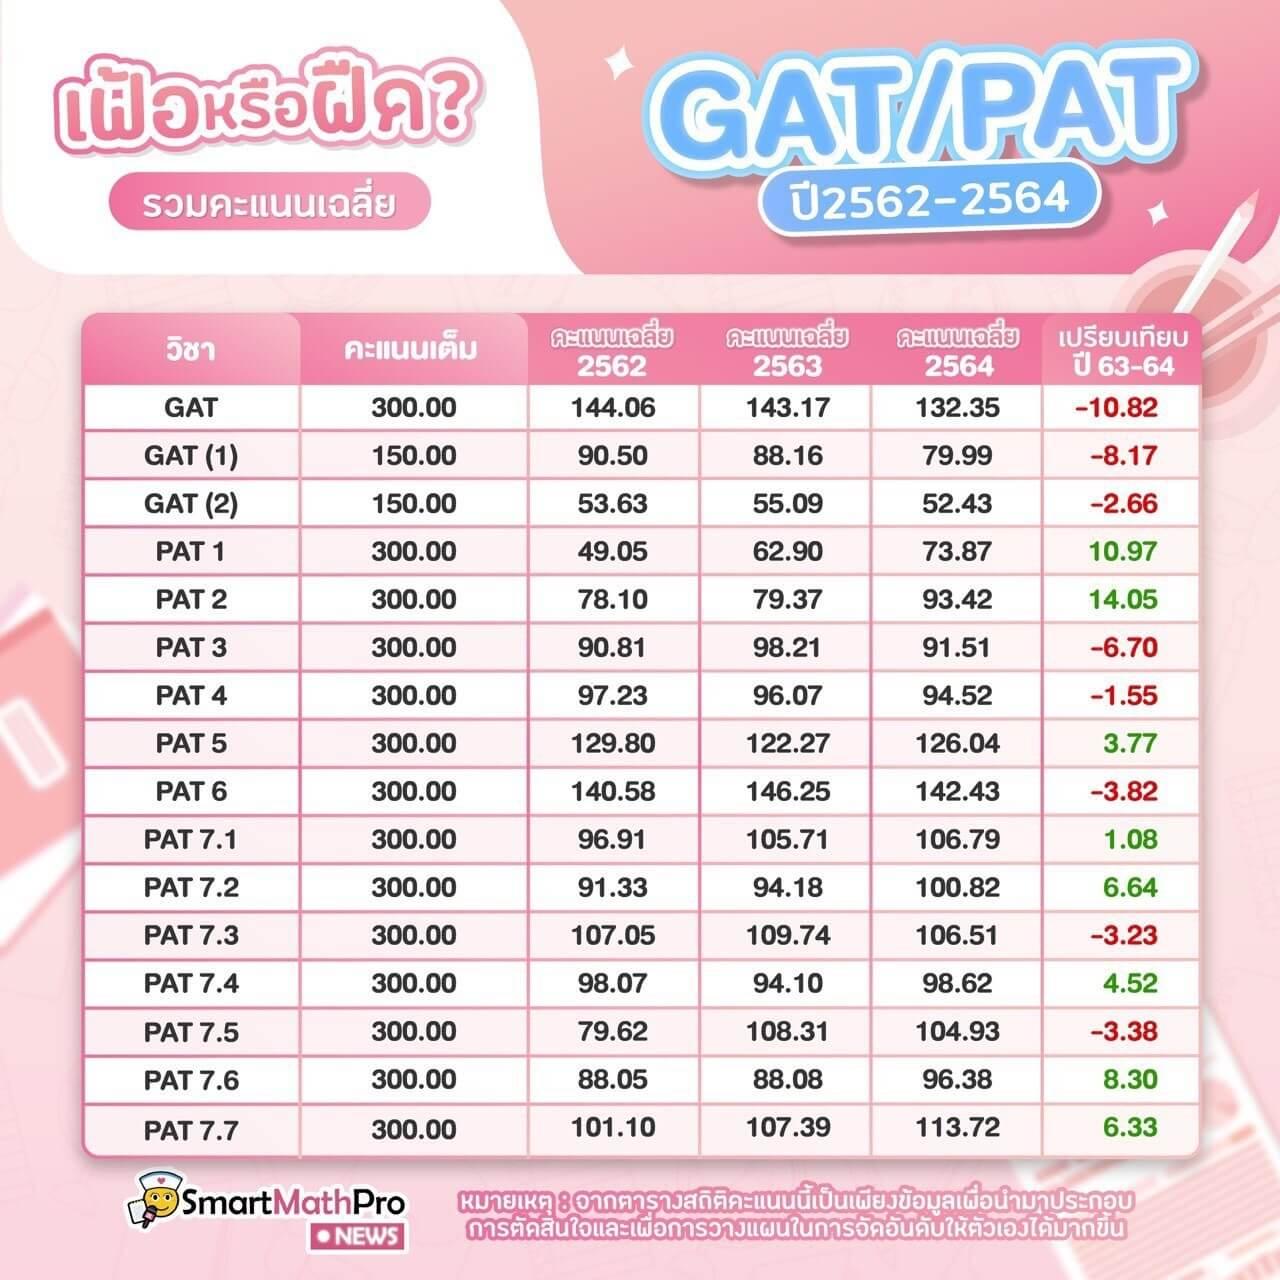 ตารางรวมคะแนนเฉลี่ย-GAT-PAT-ปี-2562-2564